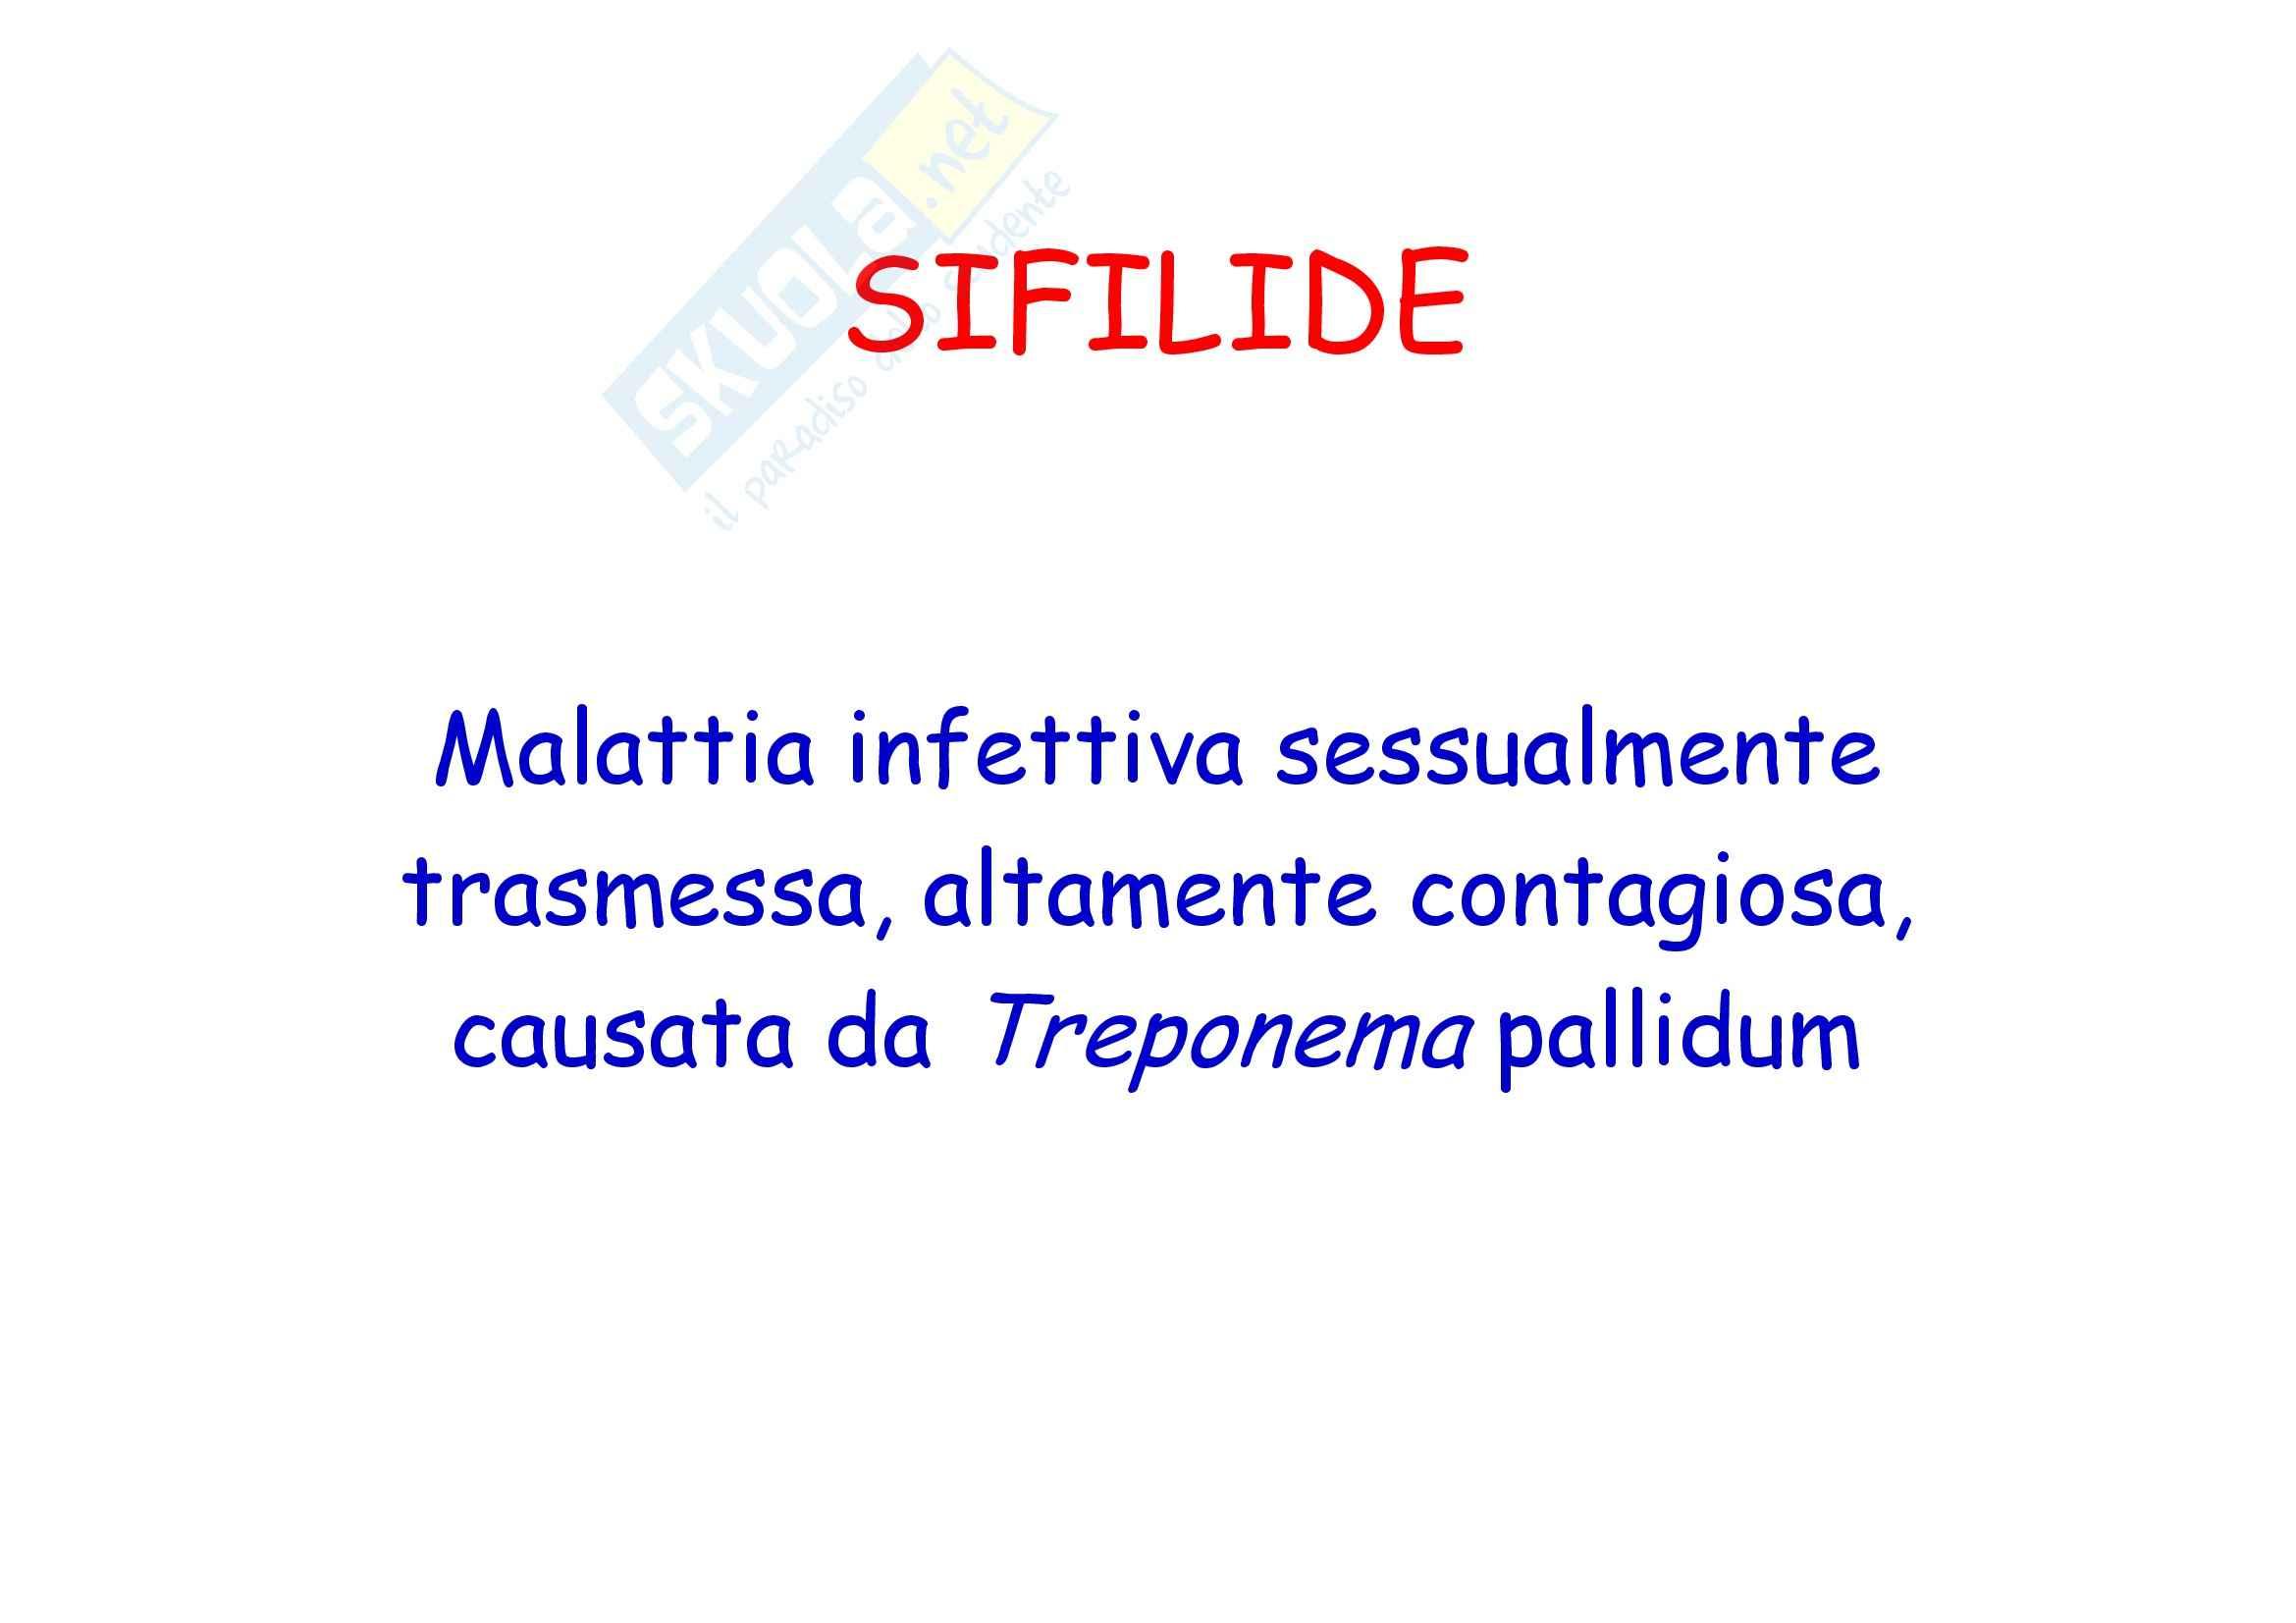 Dermatologia e chirurgia plastica - la sifilide